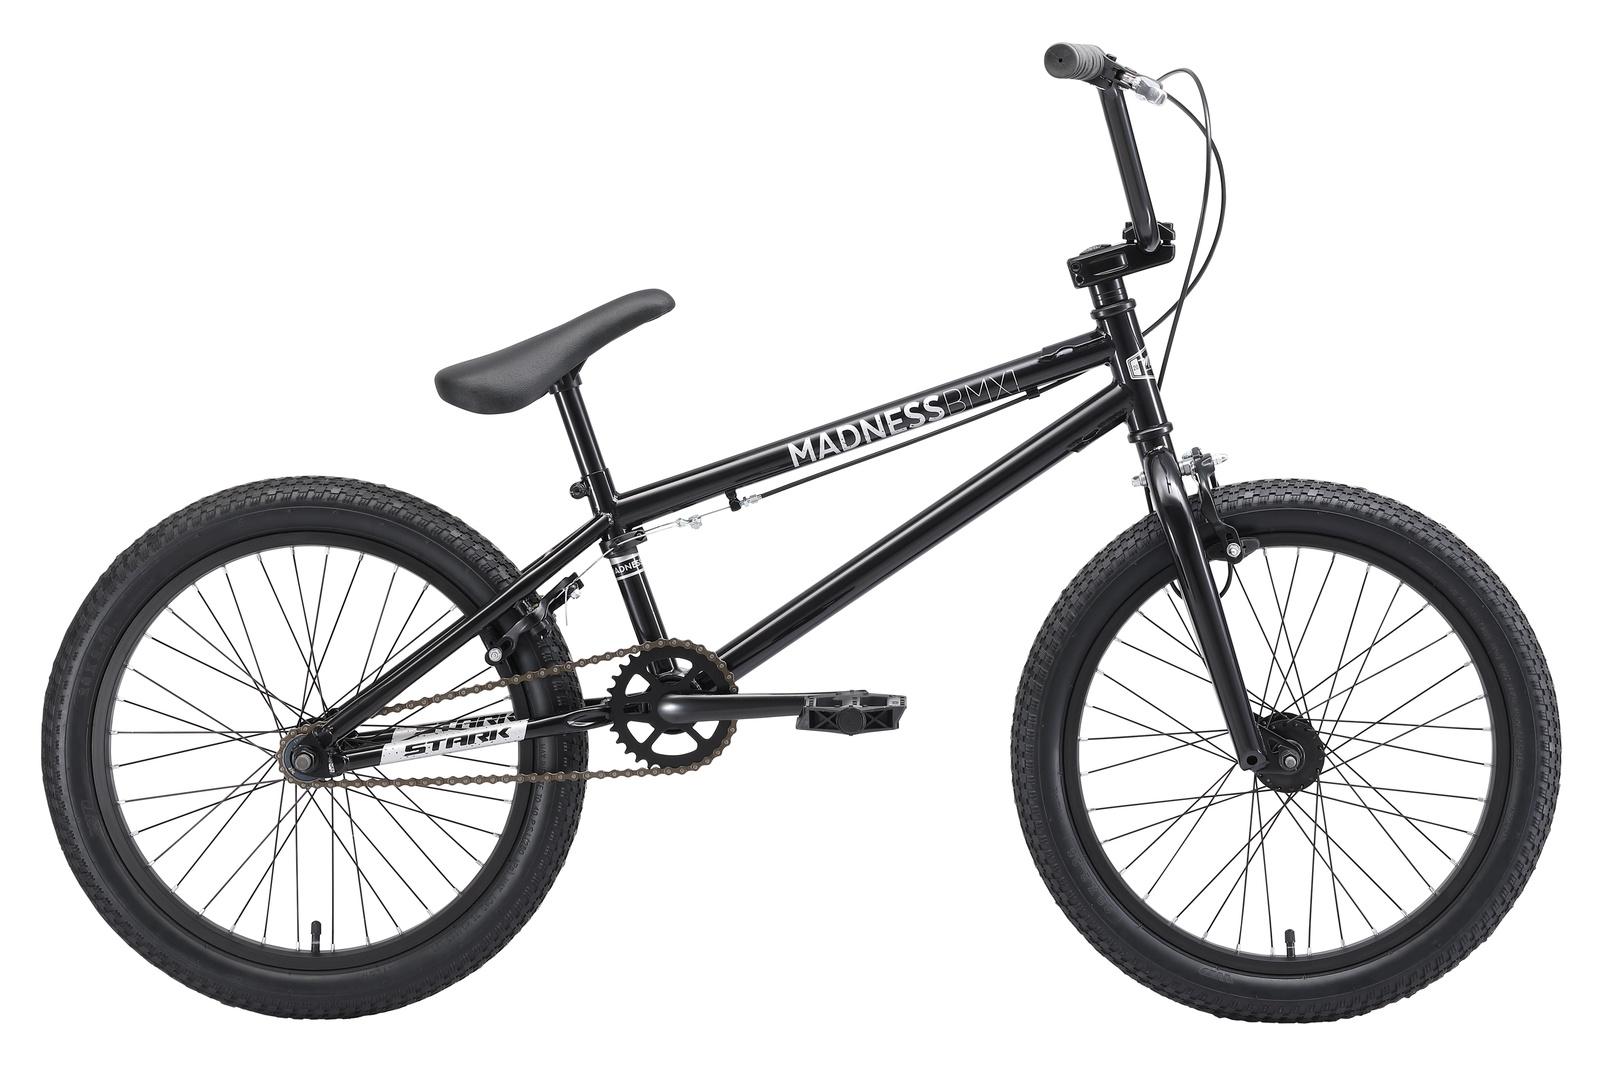 Велосипед Star Madness BMX 1 20 2019, черный, серый цена